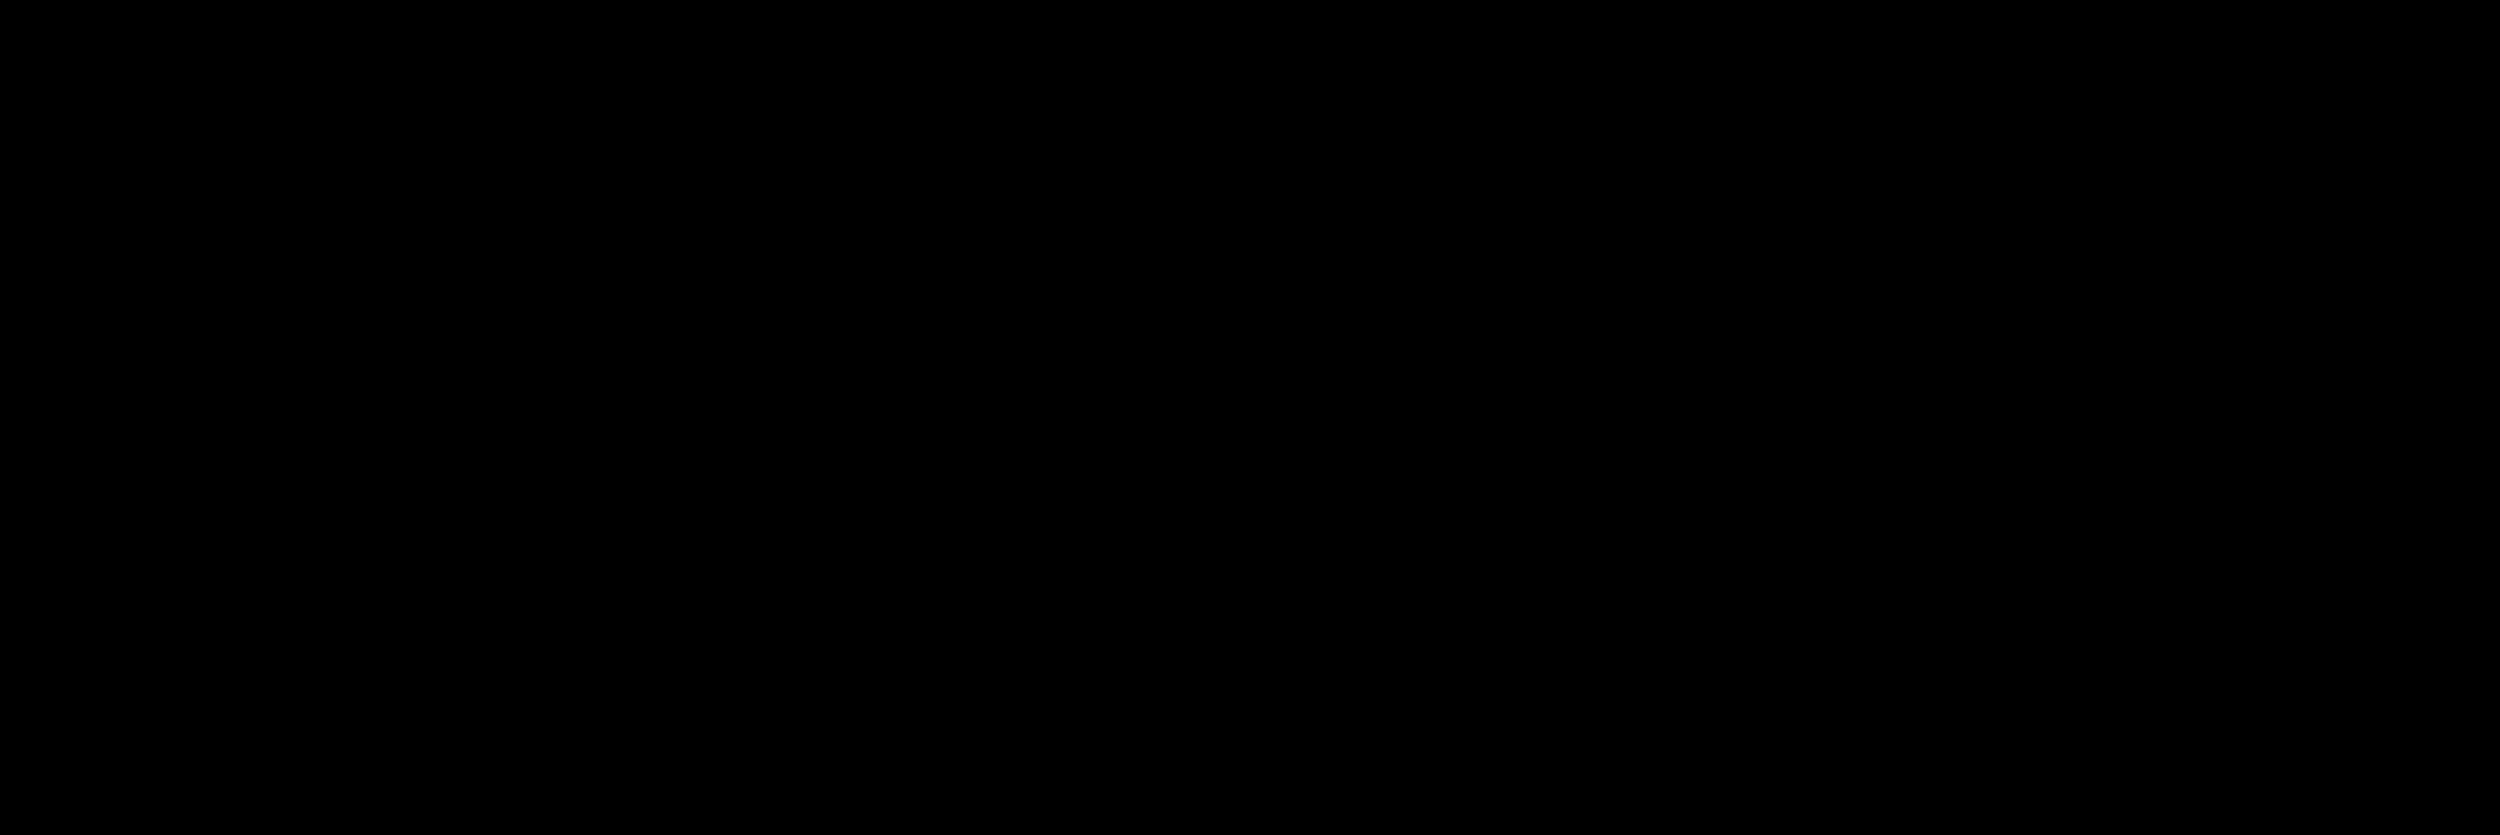 Compost algorithm-01.png